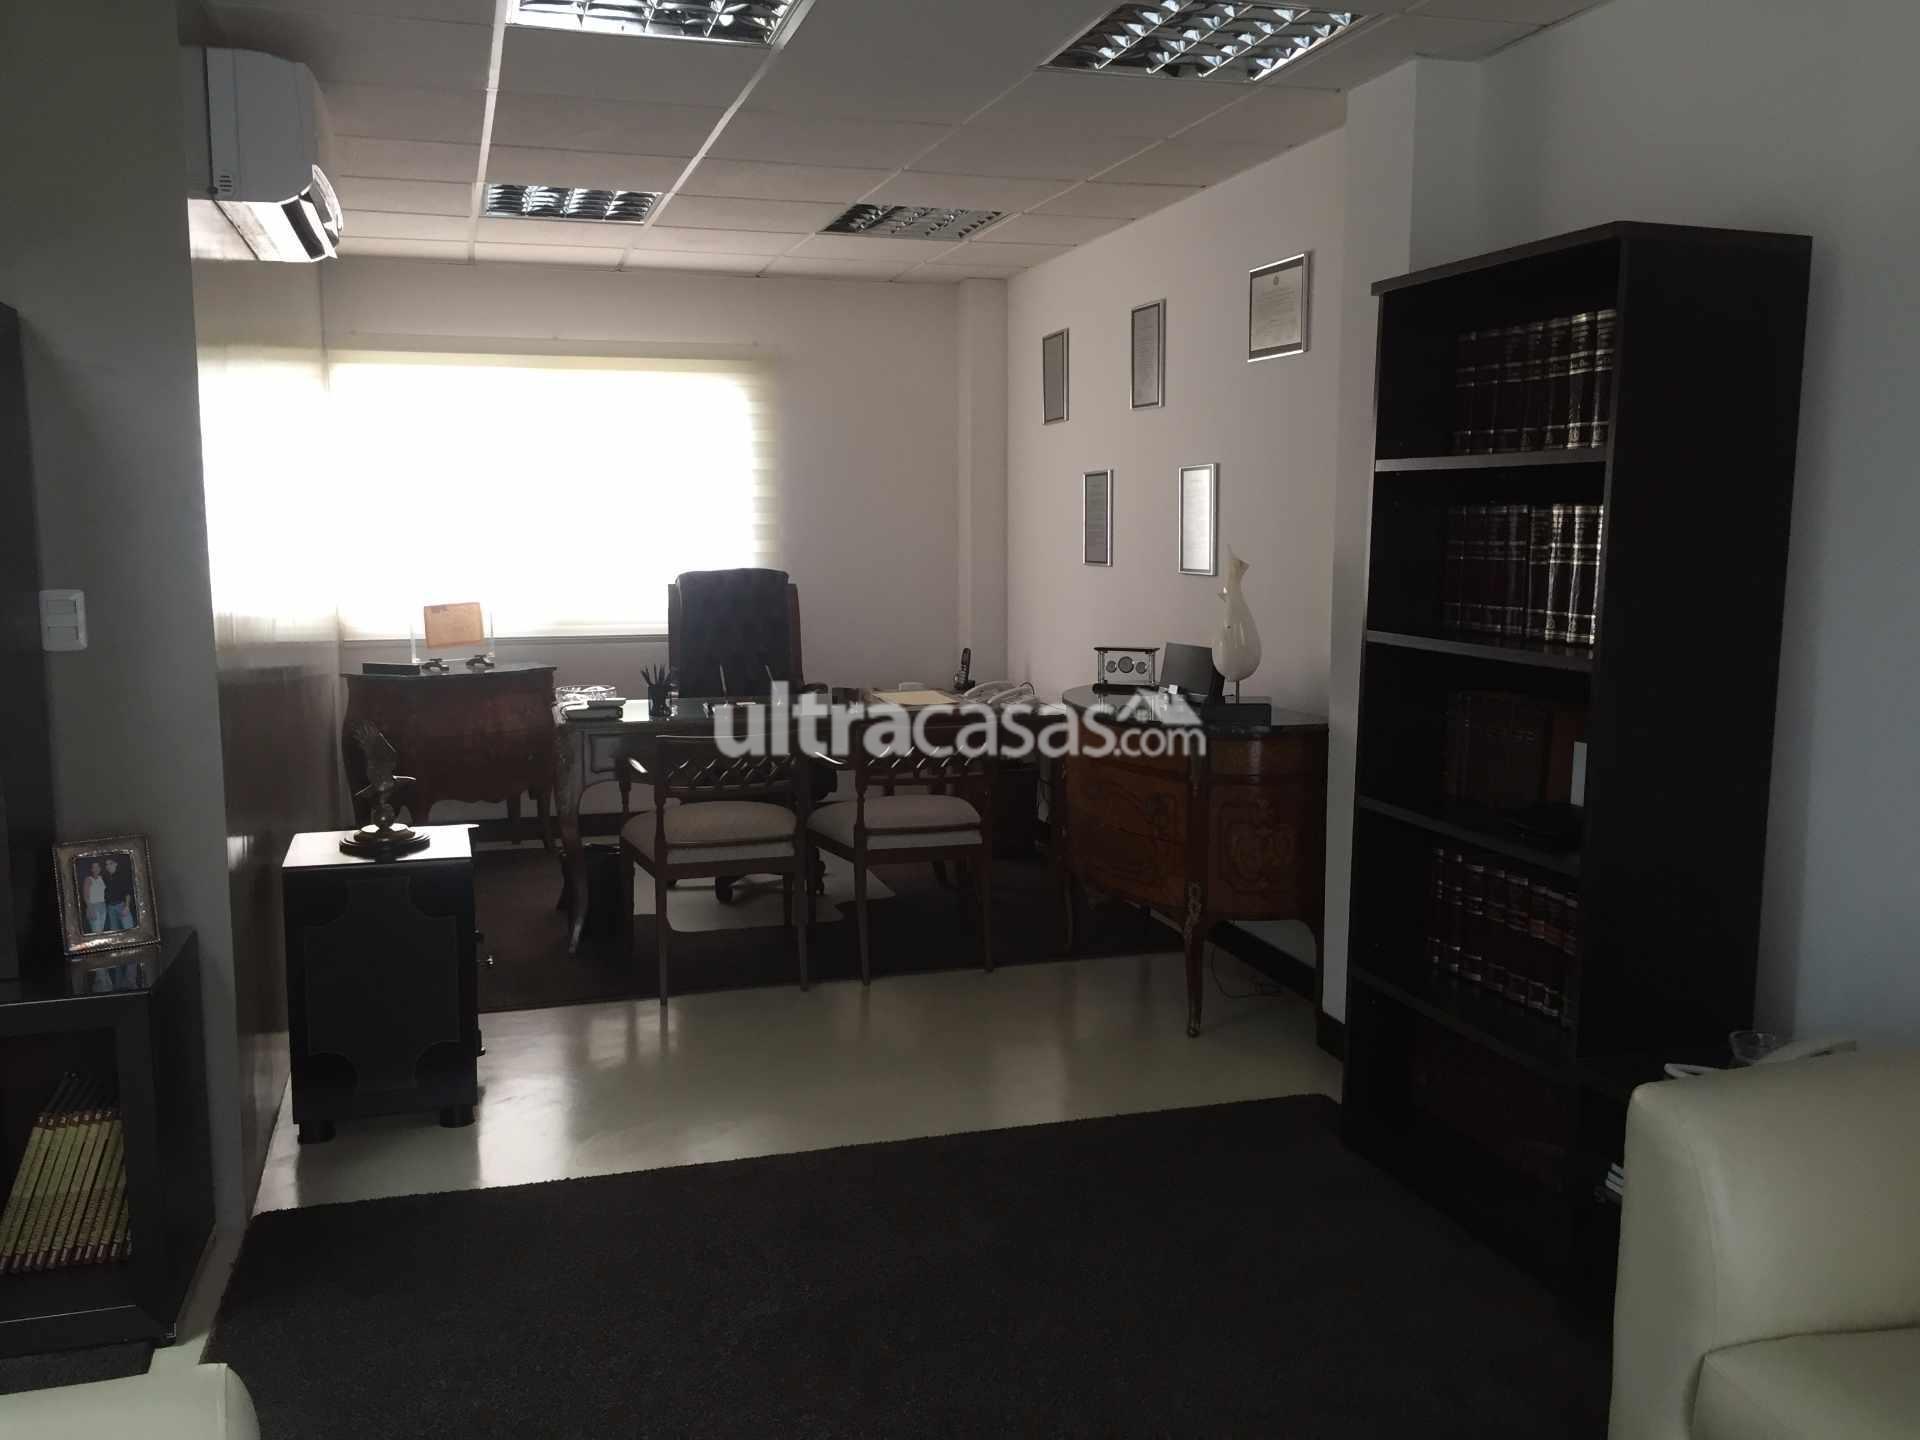 Oficina en Venta EQUIPETROL NORTE 3er ANILLO EXTERNO C/DR. JAIME ROMAN Foto 13